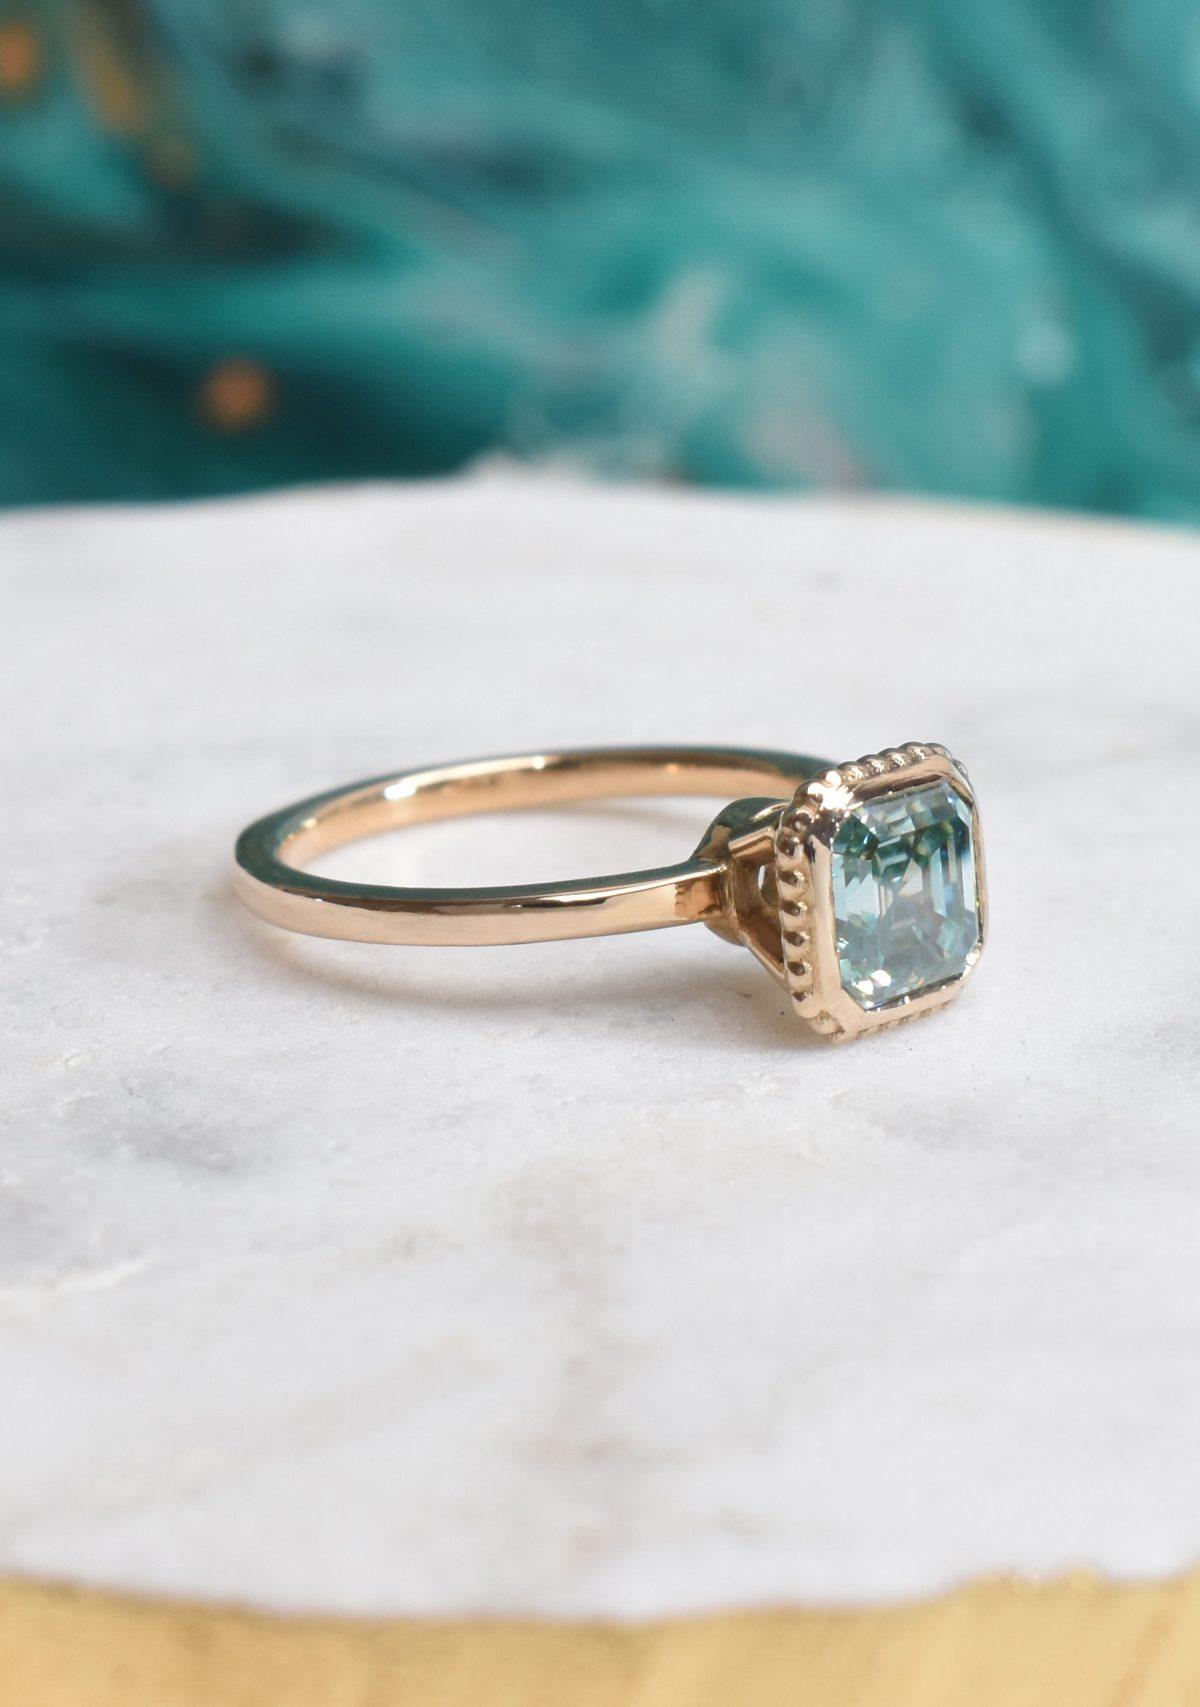 Saint K Asscher Cut Green Moissanite Gold Engagement Ring in 14k Gold